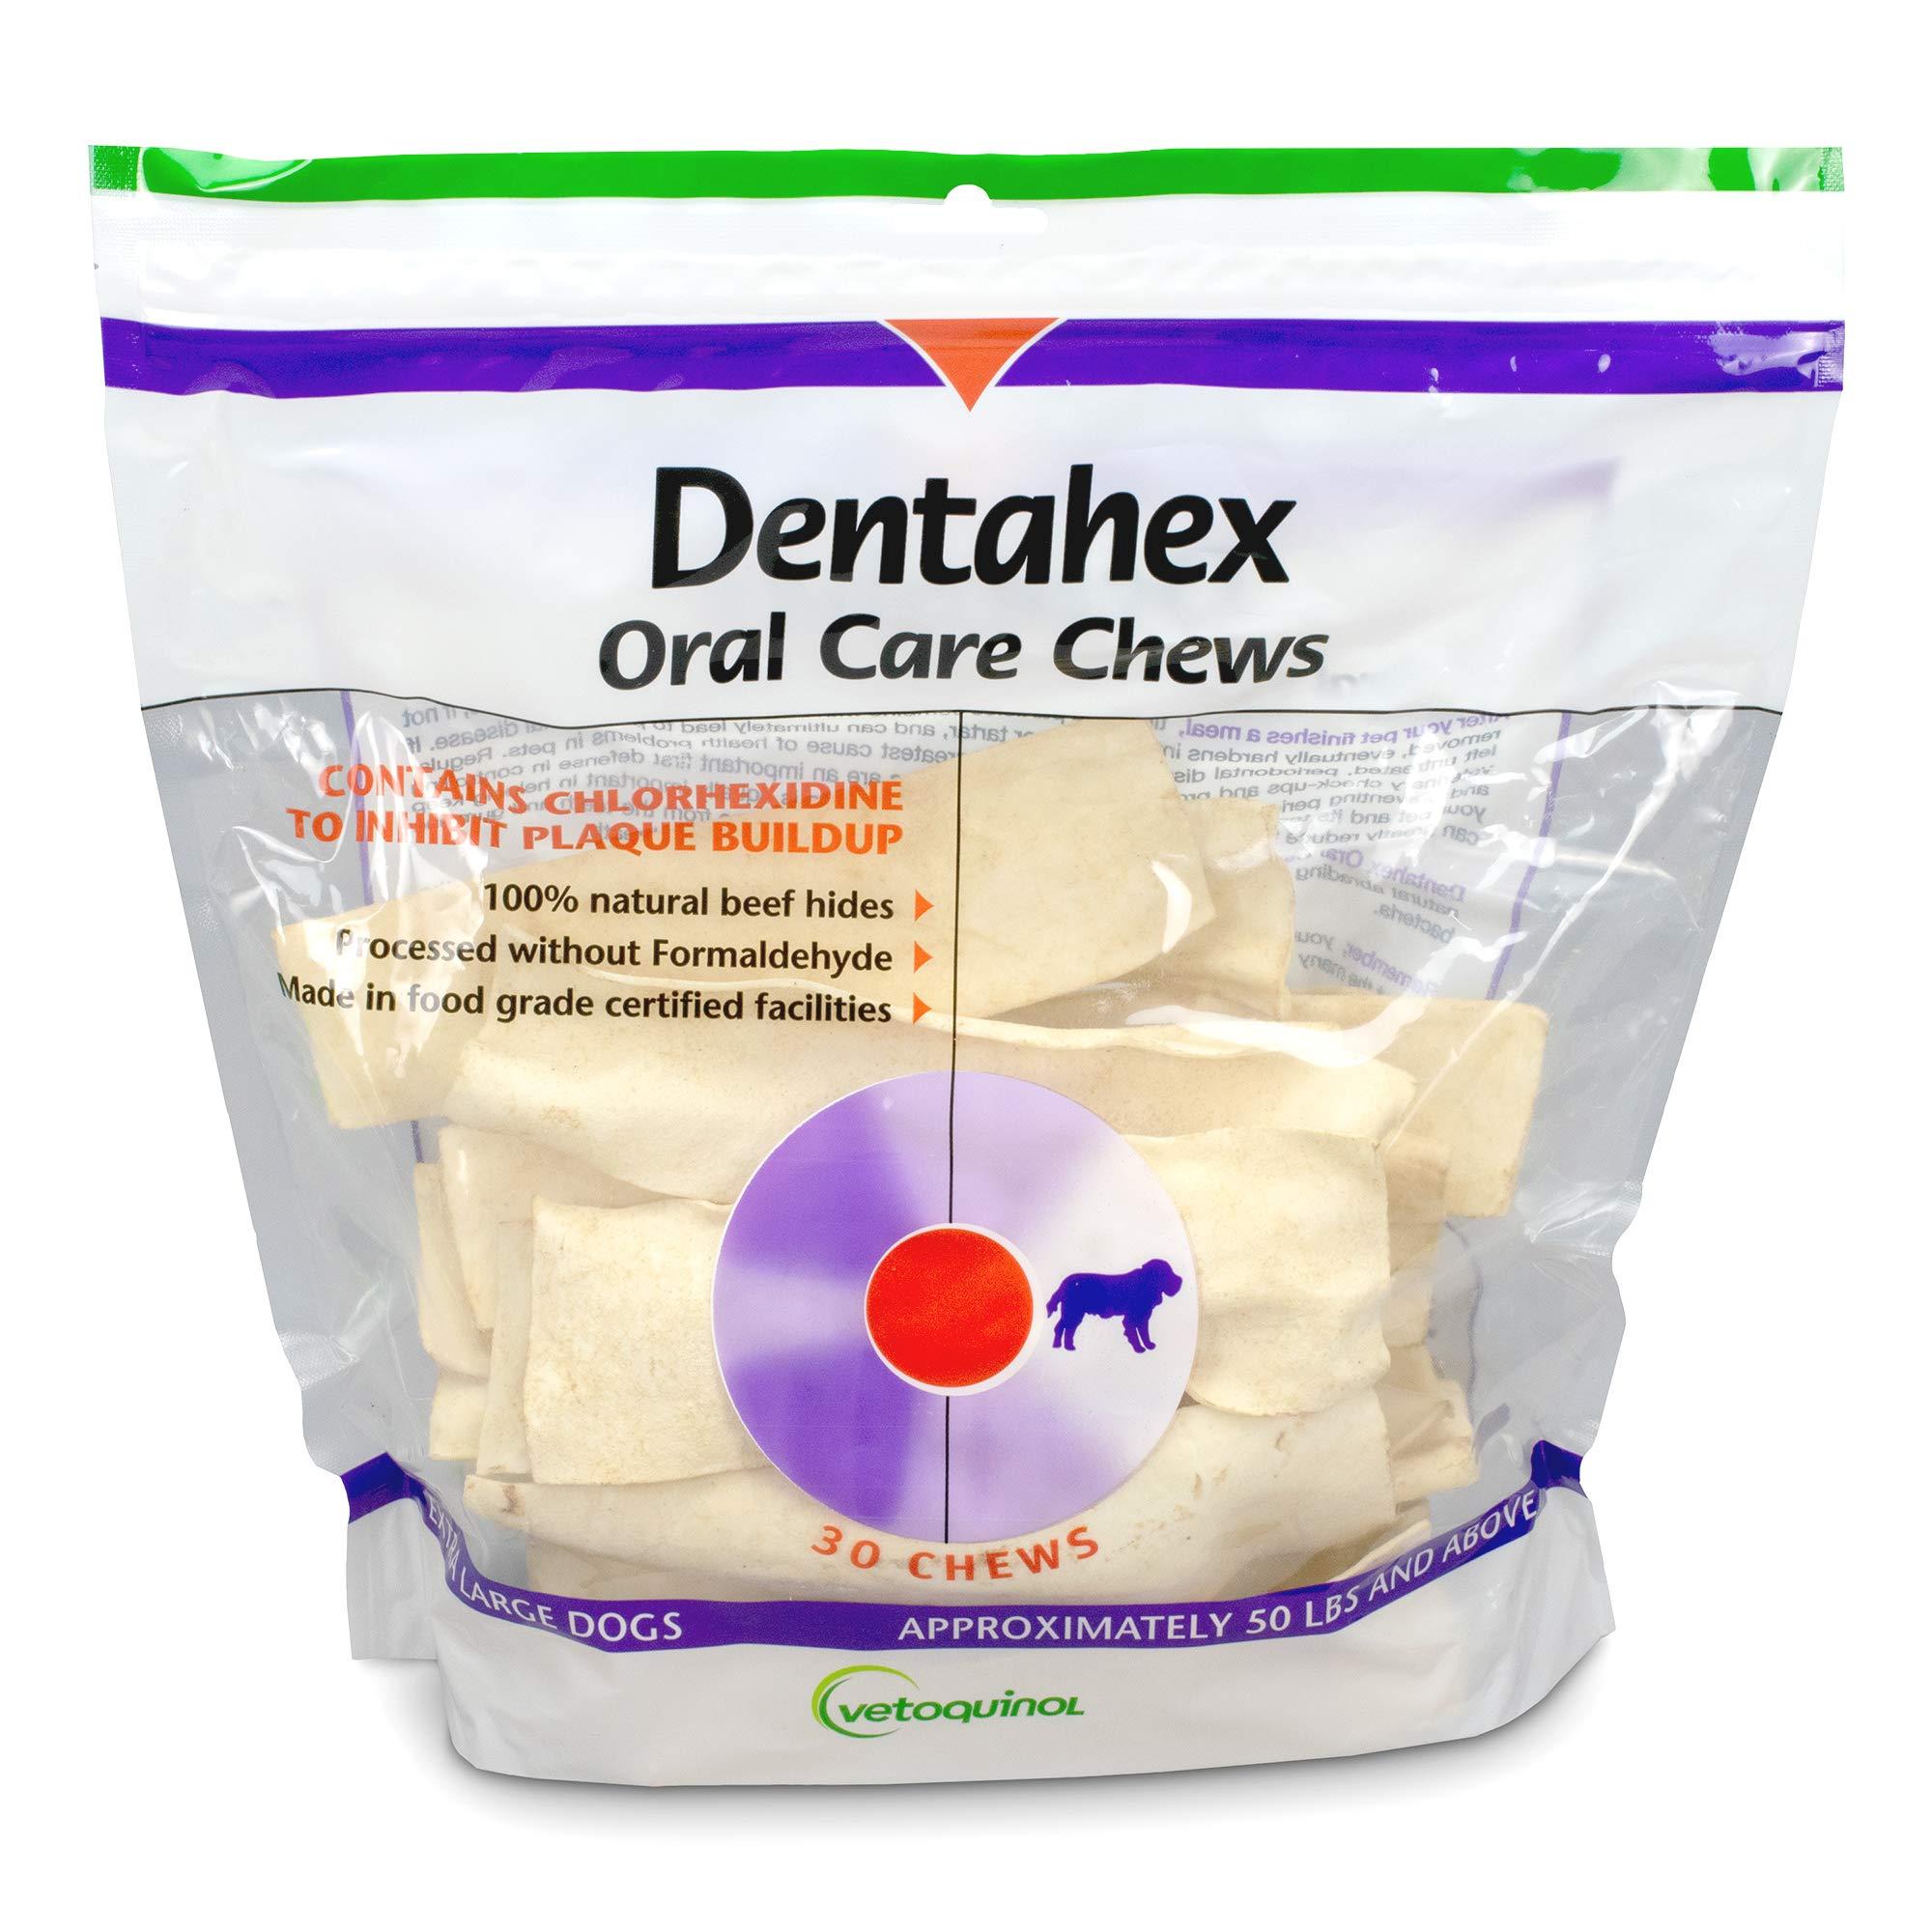 Vetoquinol Dentahex Oral Care Chews for Dogs - Extra-Large, 30ct